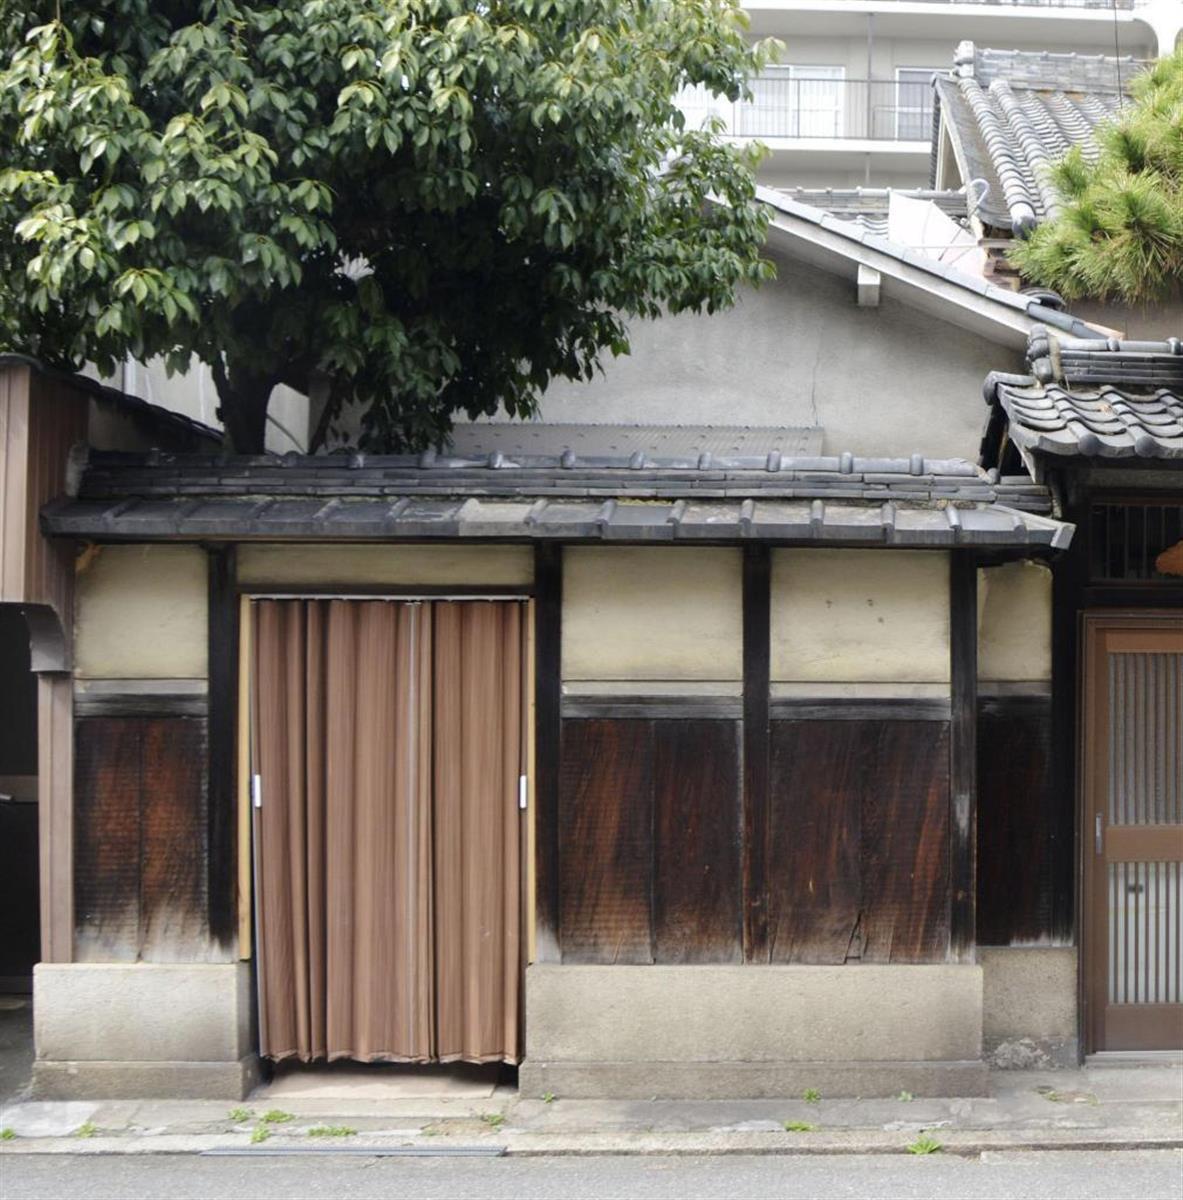 遺体の一時保管場所として利用された民泊施設=3月、大阪市(共同)